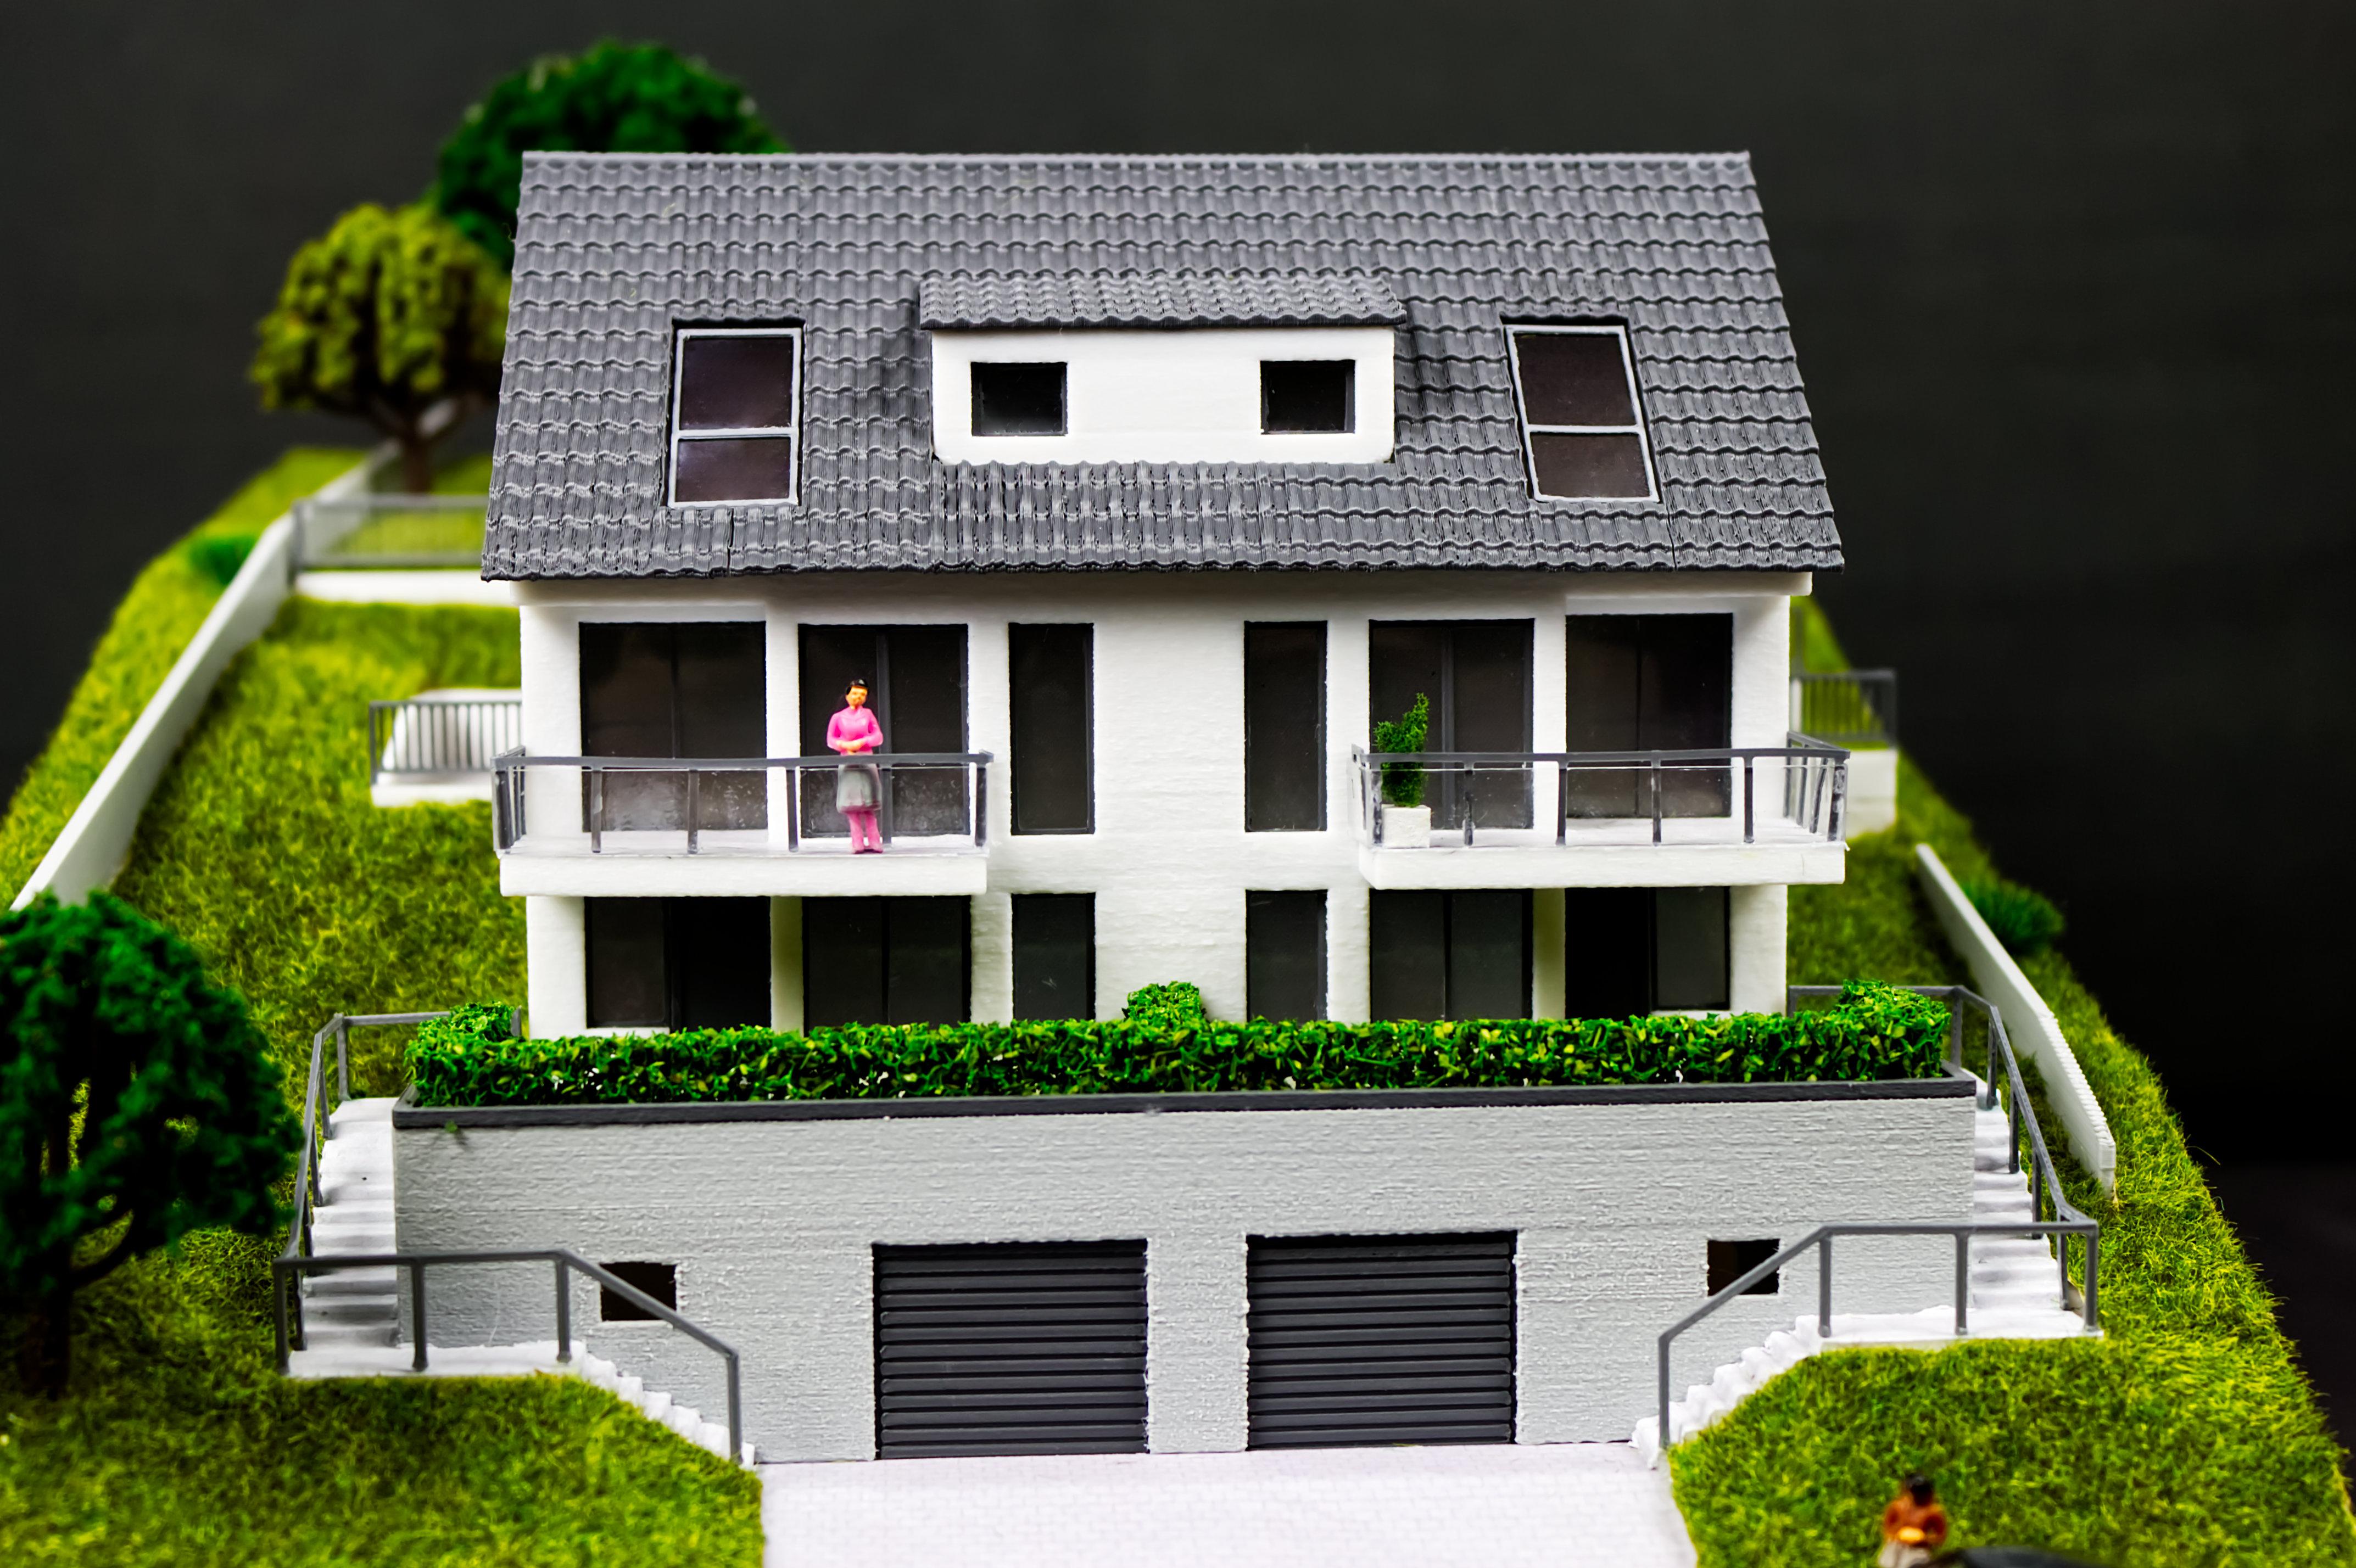 Graf Wohnbau 7